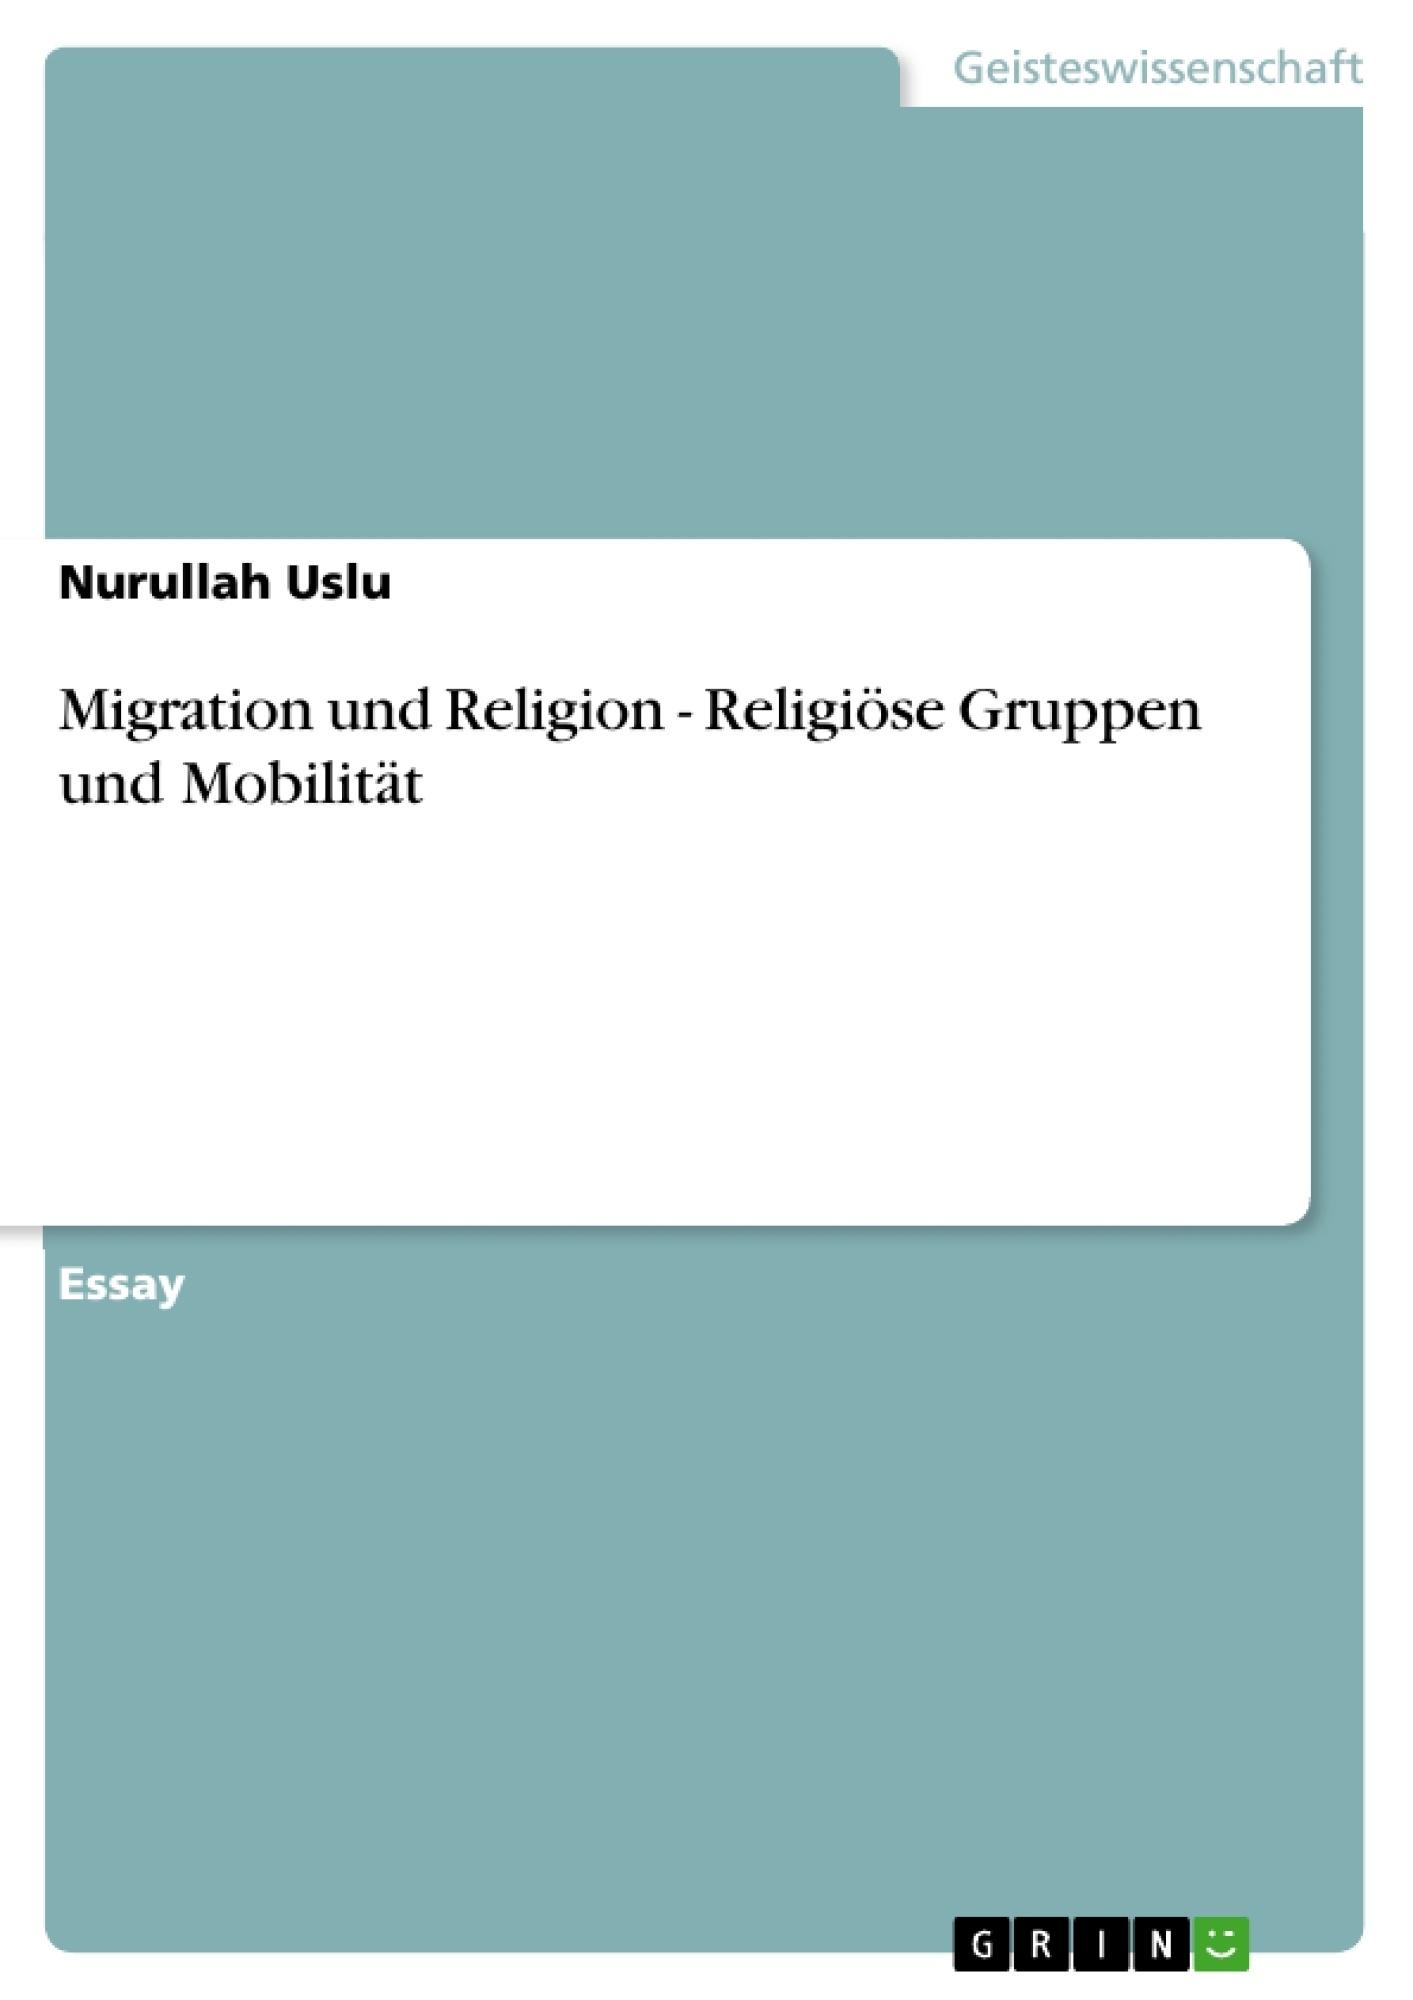 Titel: Migration und Religion - Religiöse Gruppen und Mobilität